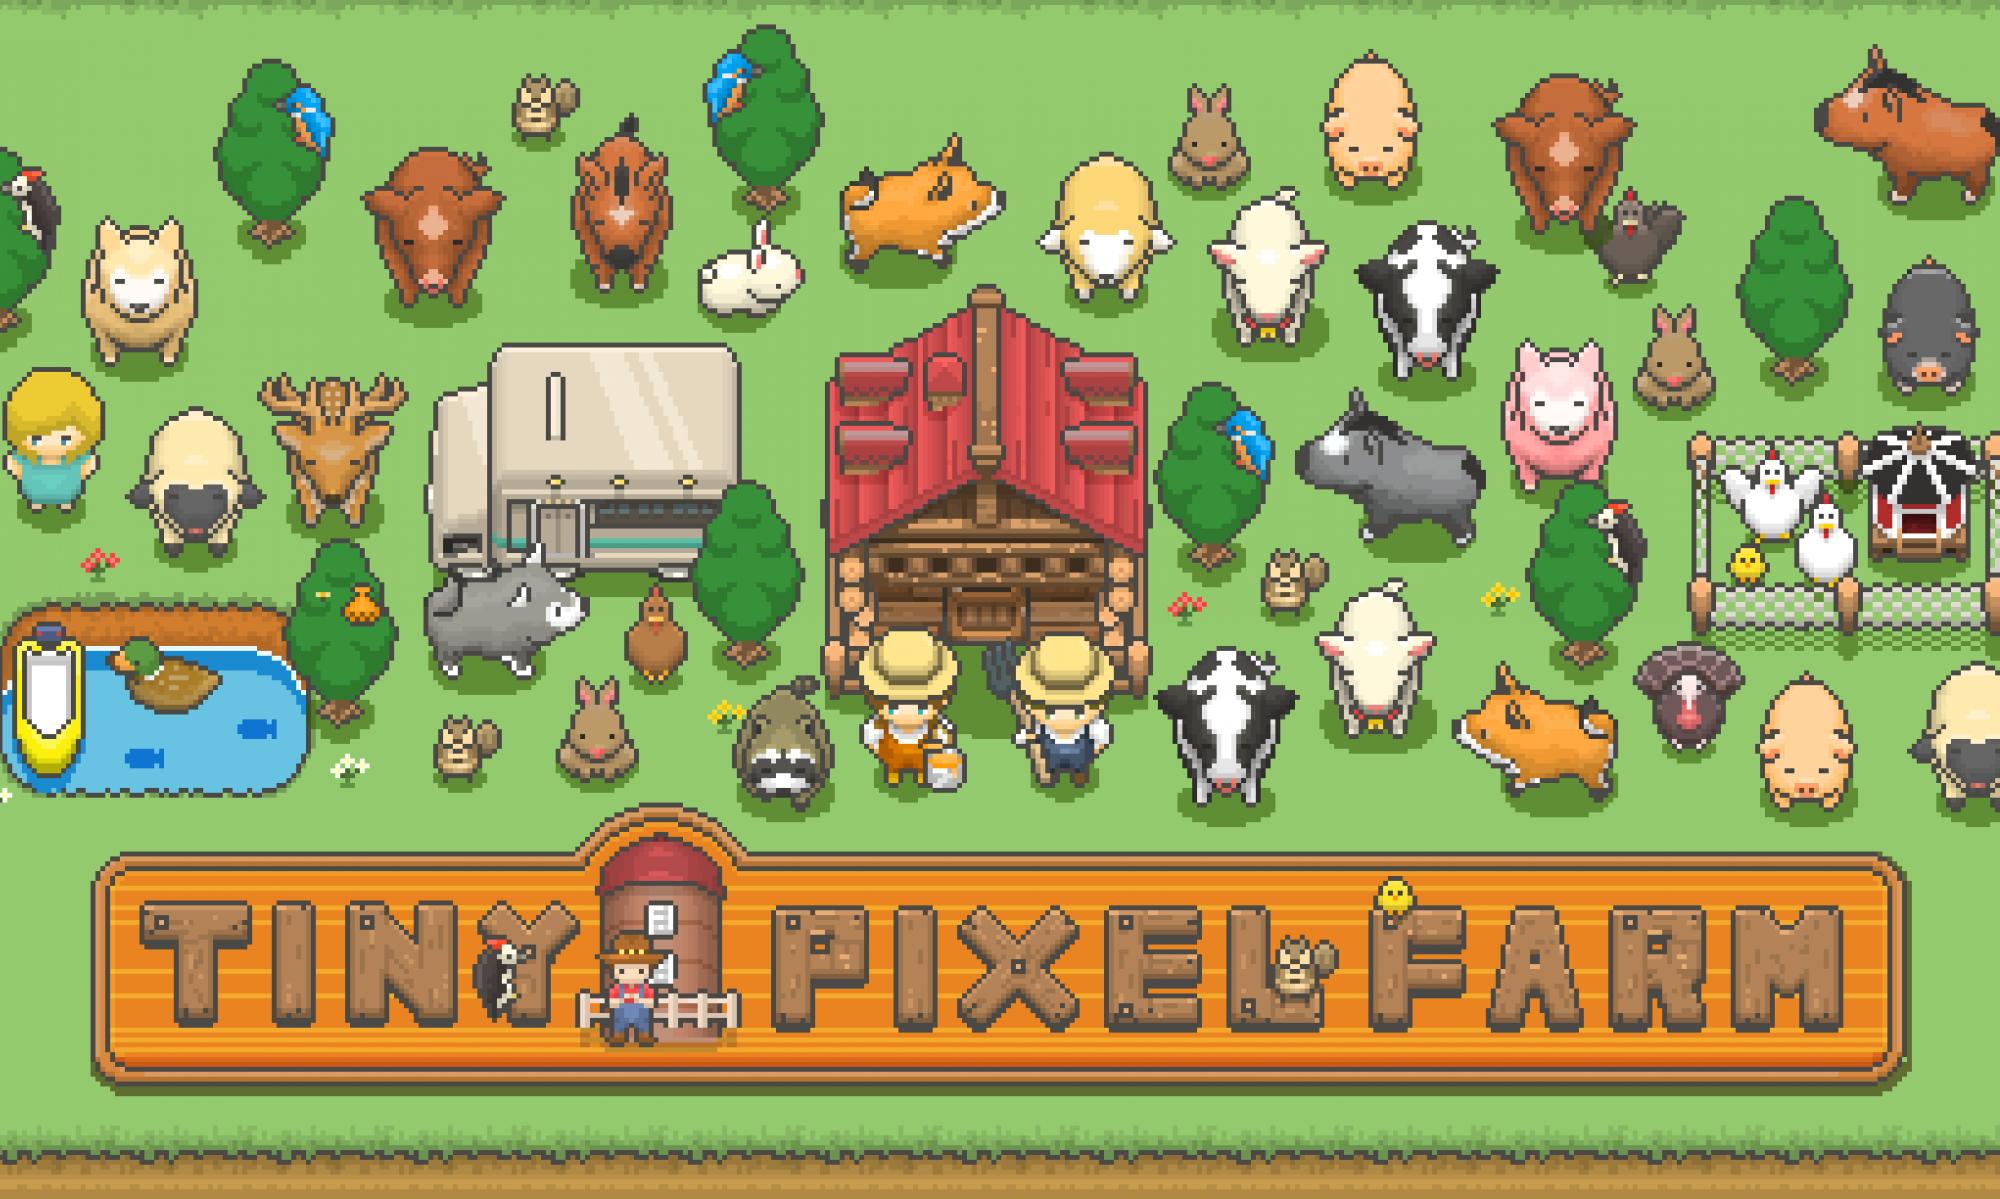 迷你像素农场:一款启发《星露谷物语》制作的农场经营游戏